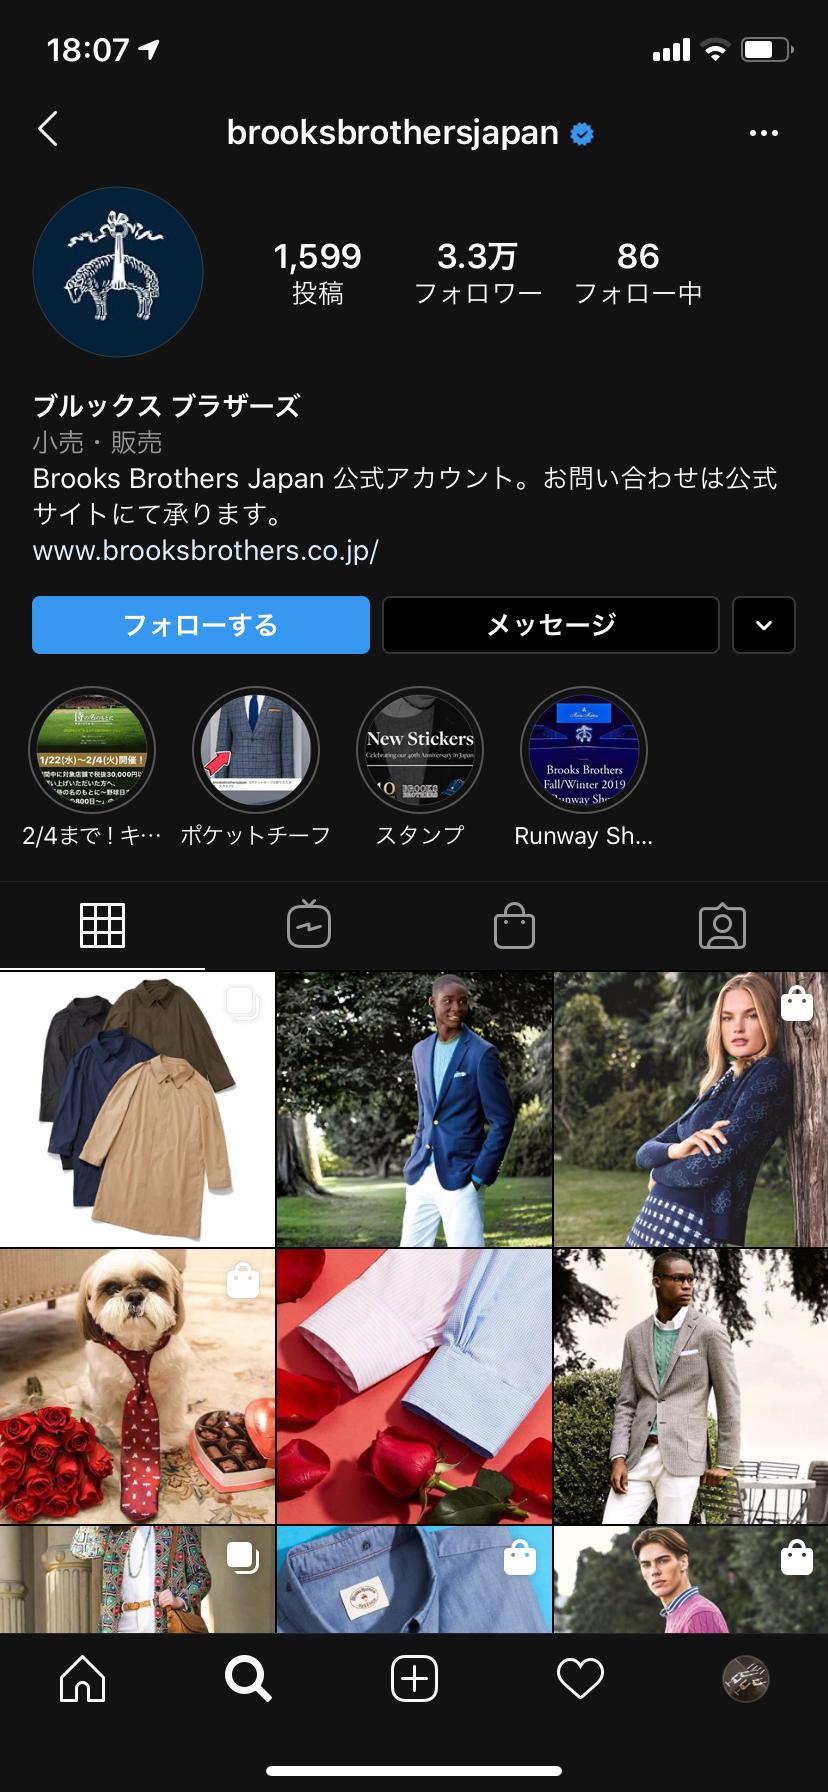 Instagramのビジネスアカウント使ってる? 導入するメリットとは